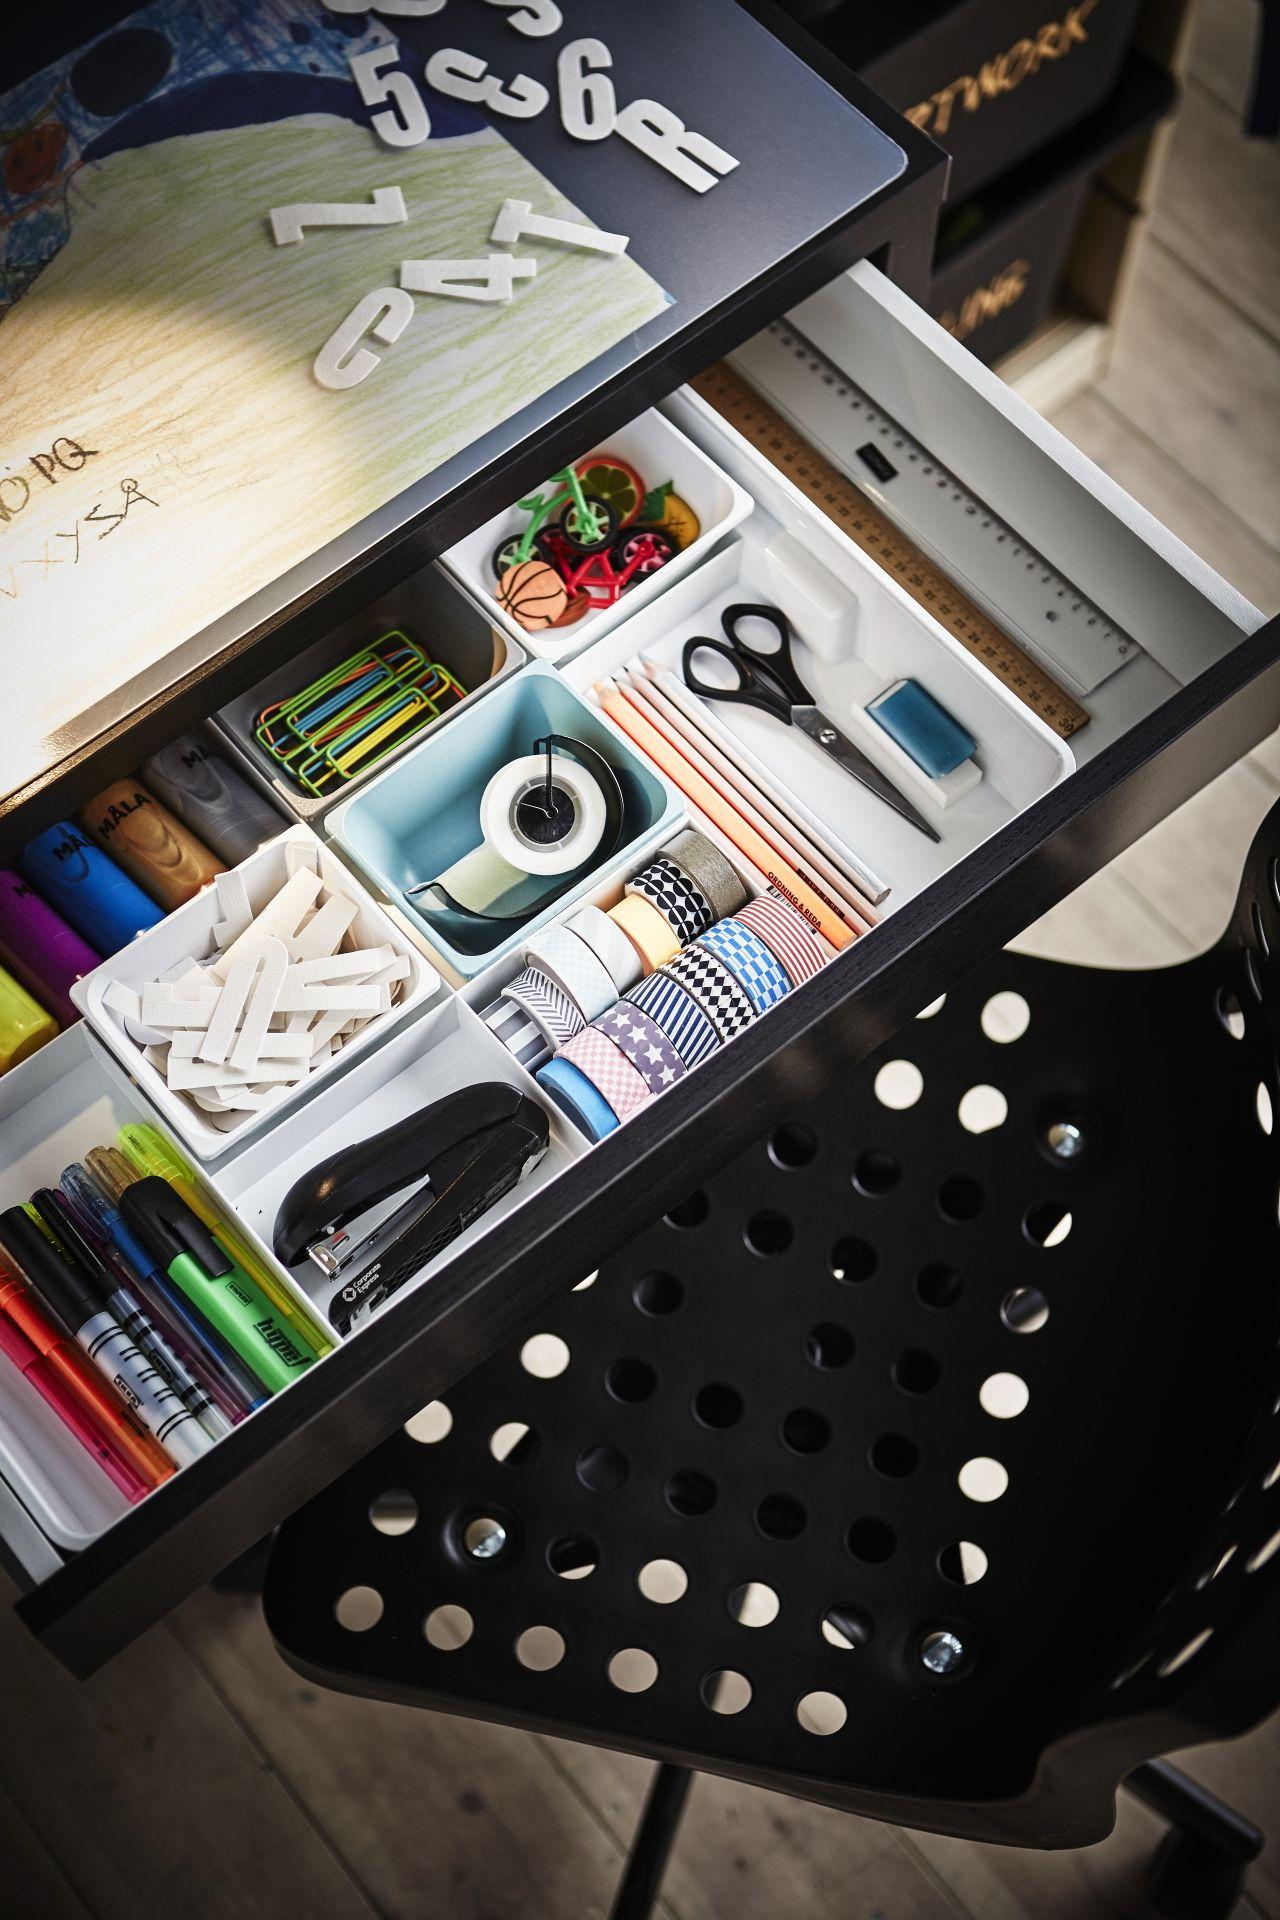 IKEA Deutschland | Alles aufgeräumt mit den praktischen KUGGIS Boxen. So findest du immer alles, und hast immer den Überblick. #Arbeitszimmer #Arbeitsplatz #Schreibtischordnung #Schreibtischorganisation #Schreibtischinspiration